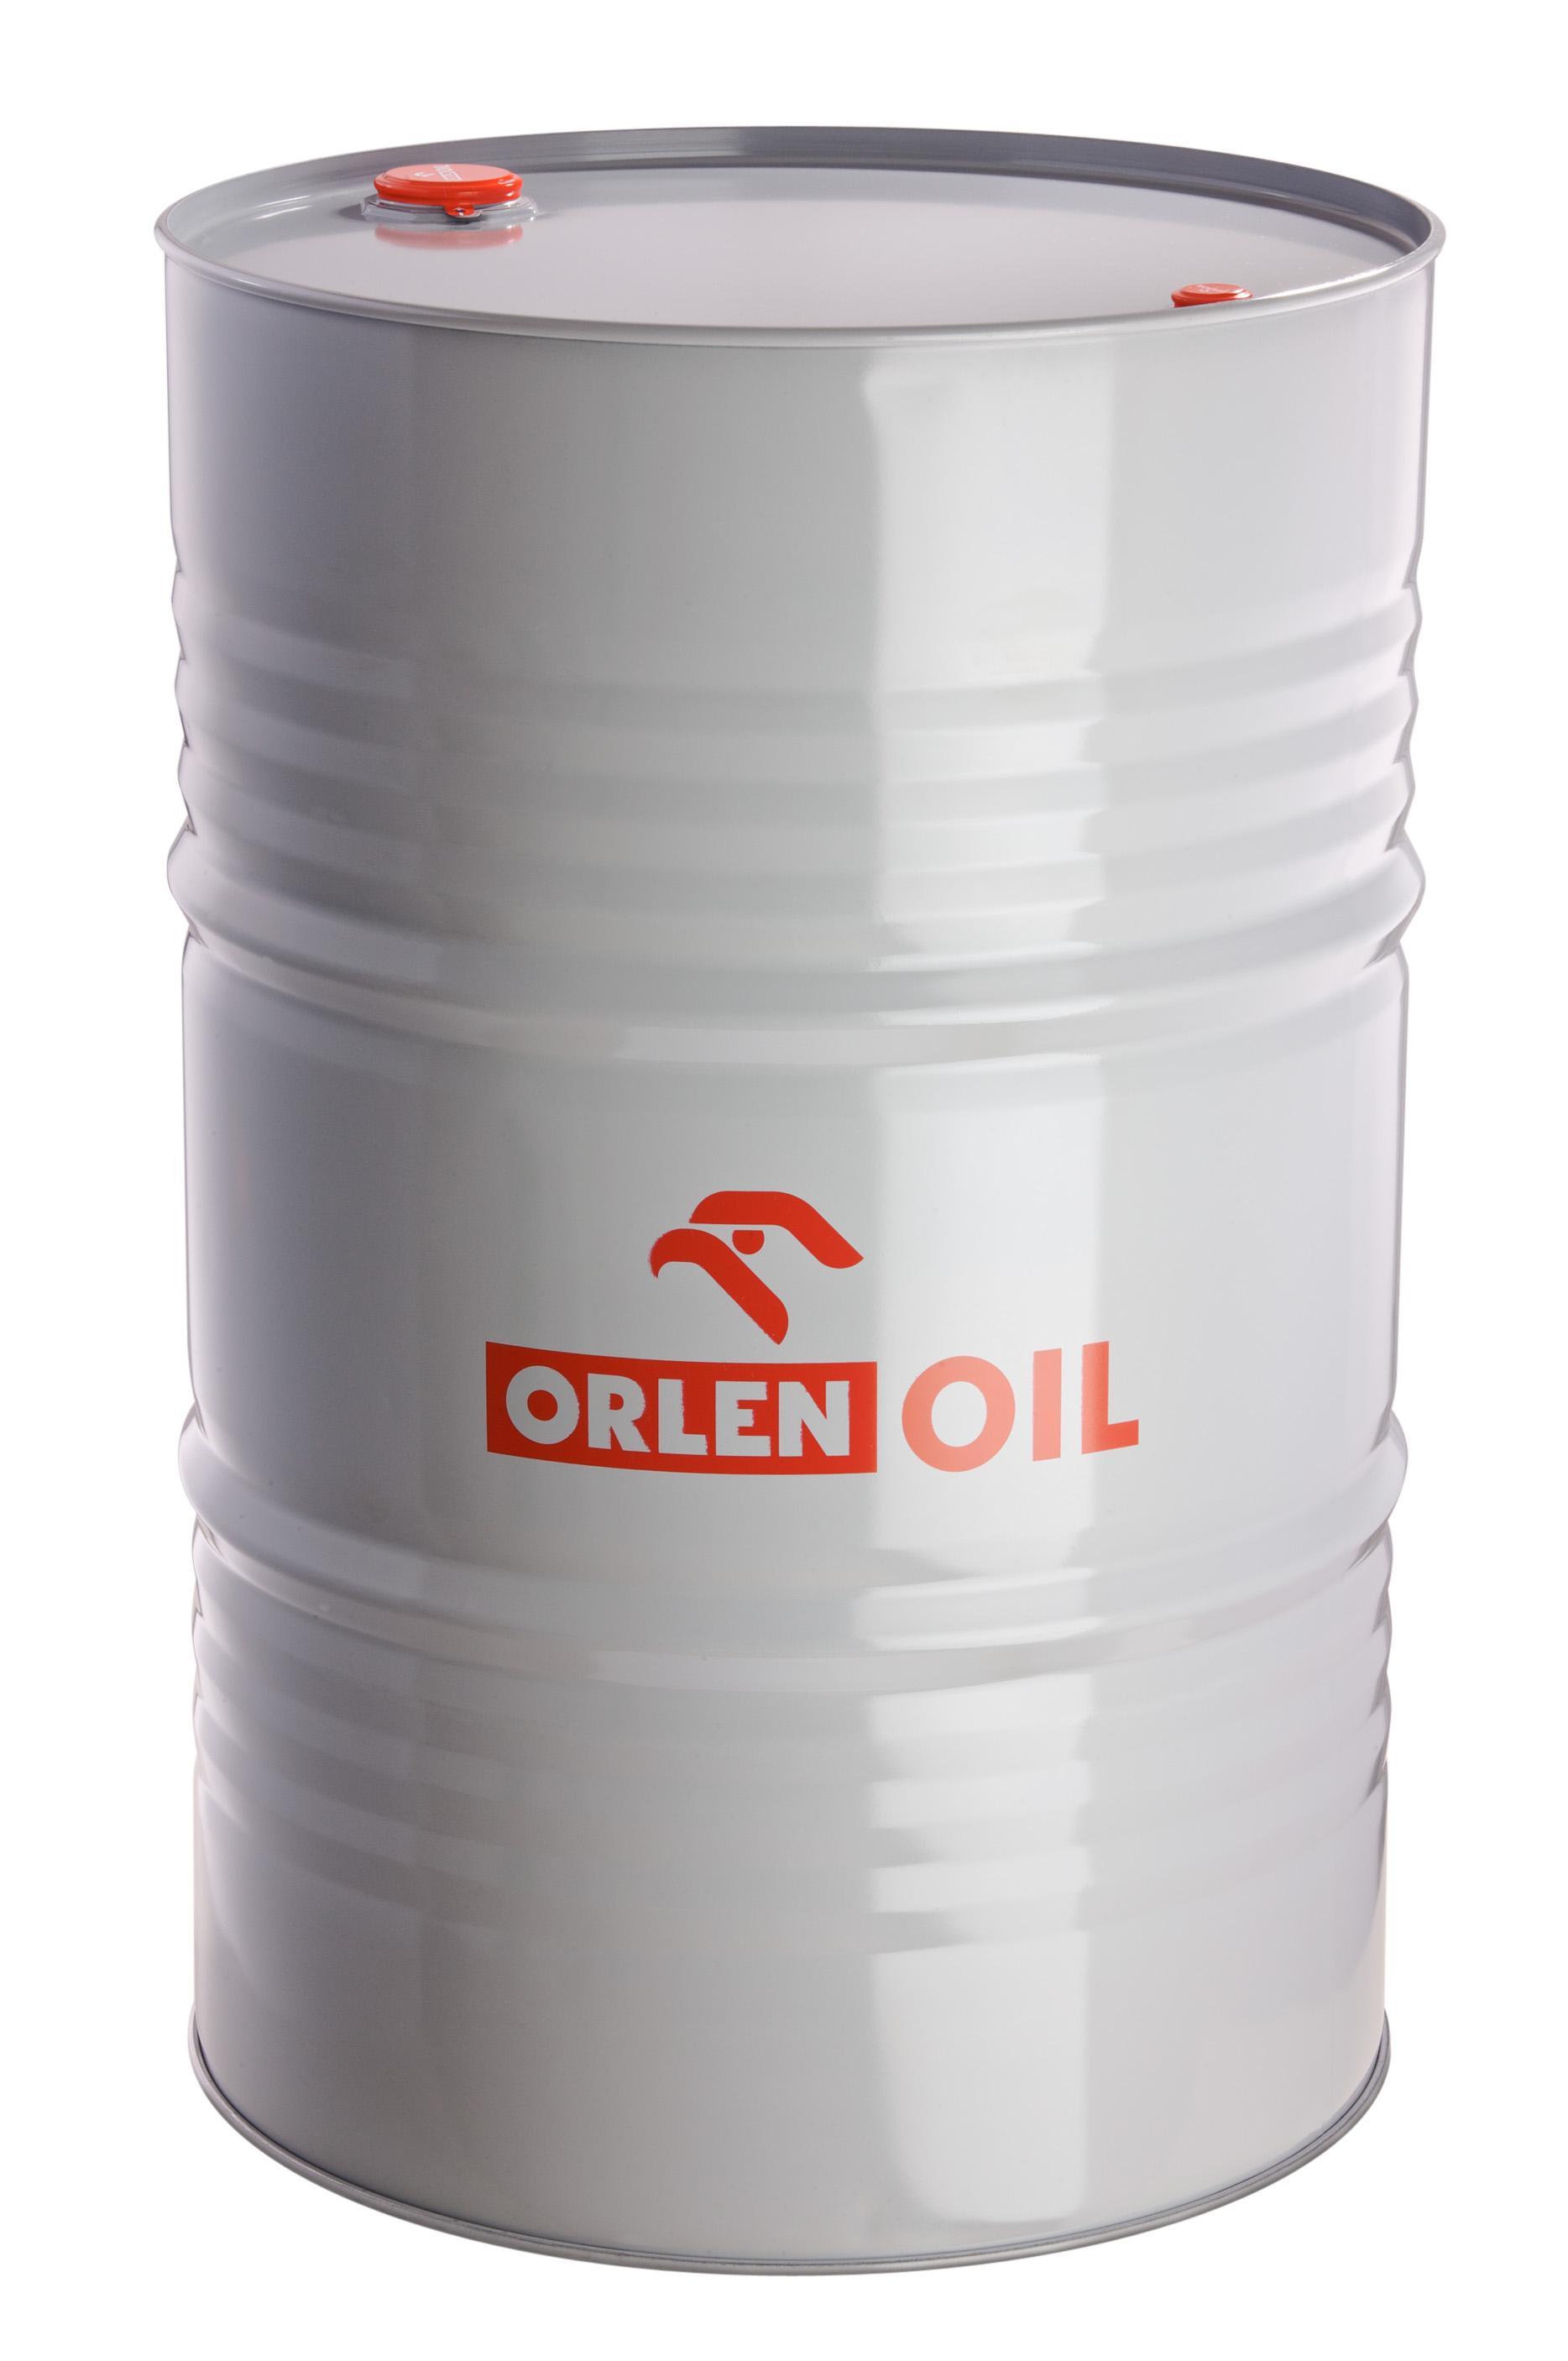 ORLEN OIL LITEN EP-2    DRUMS 180KG *